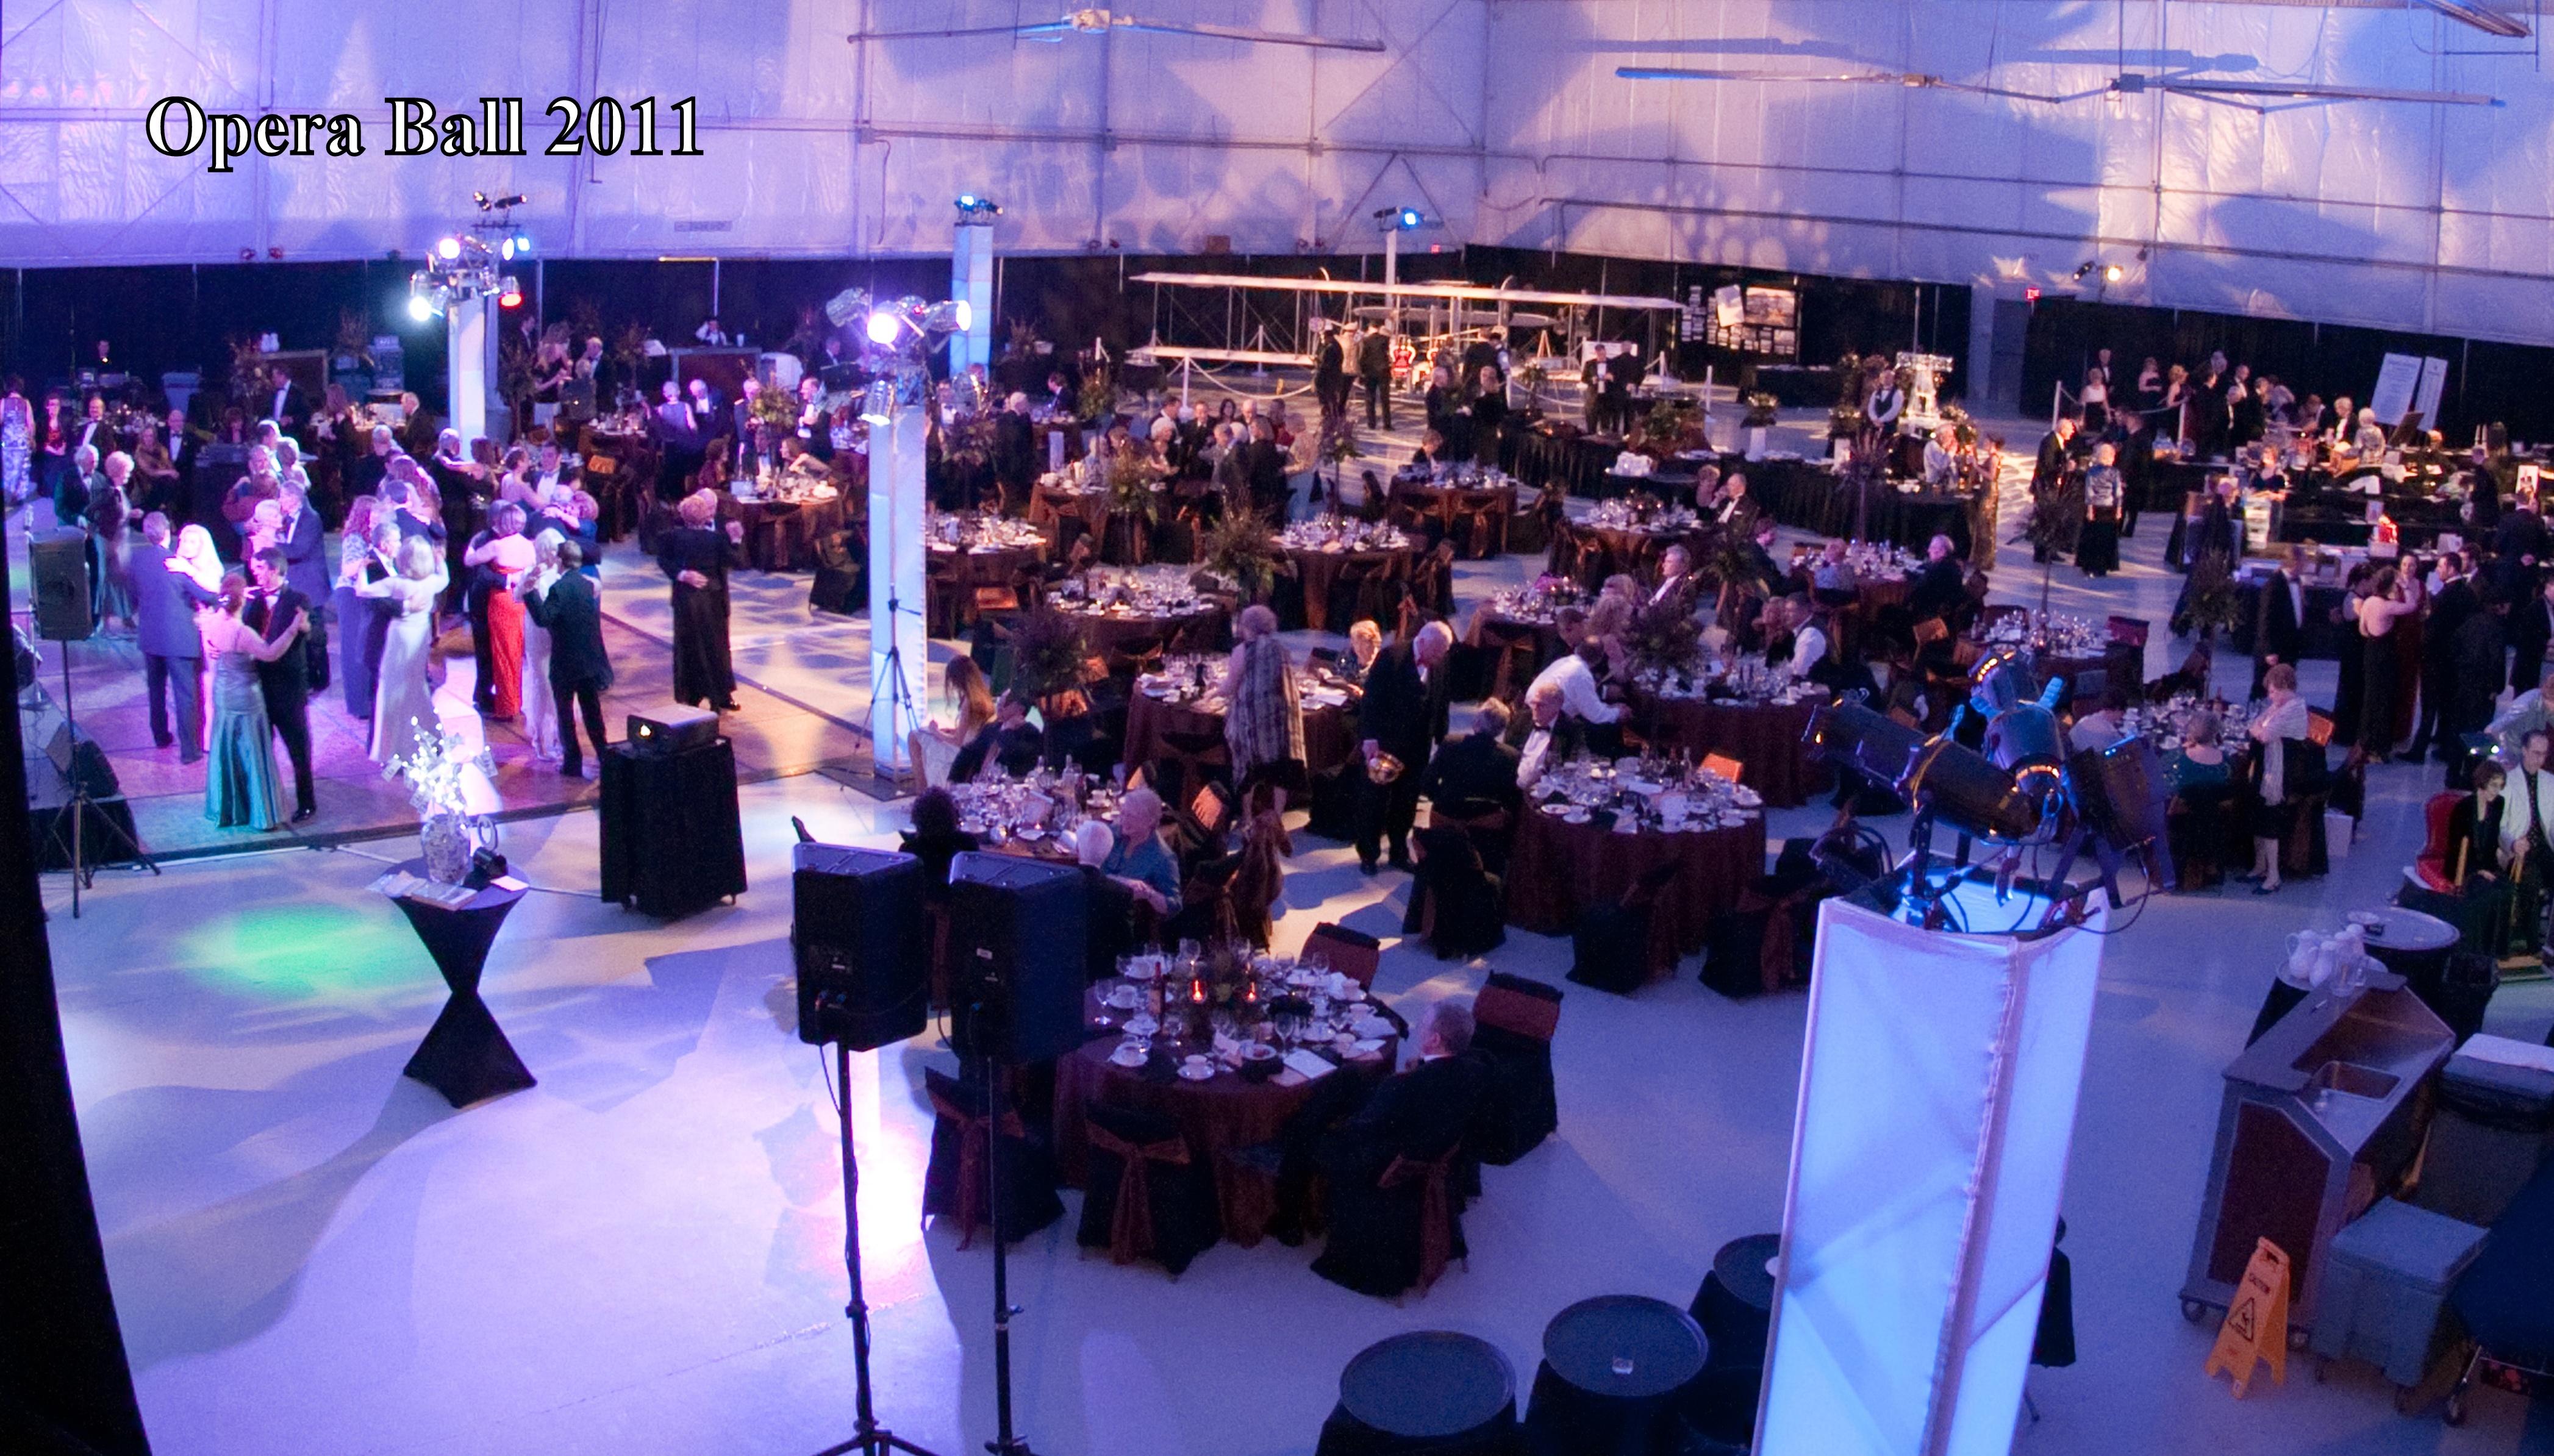 Opera-Ball-2011